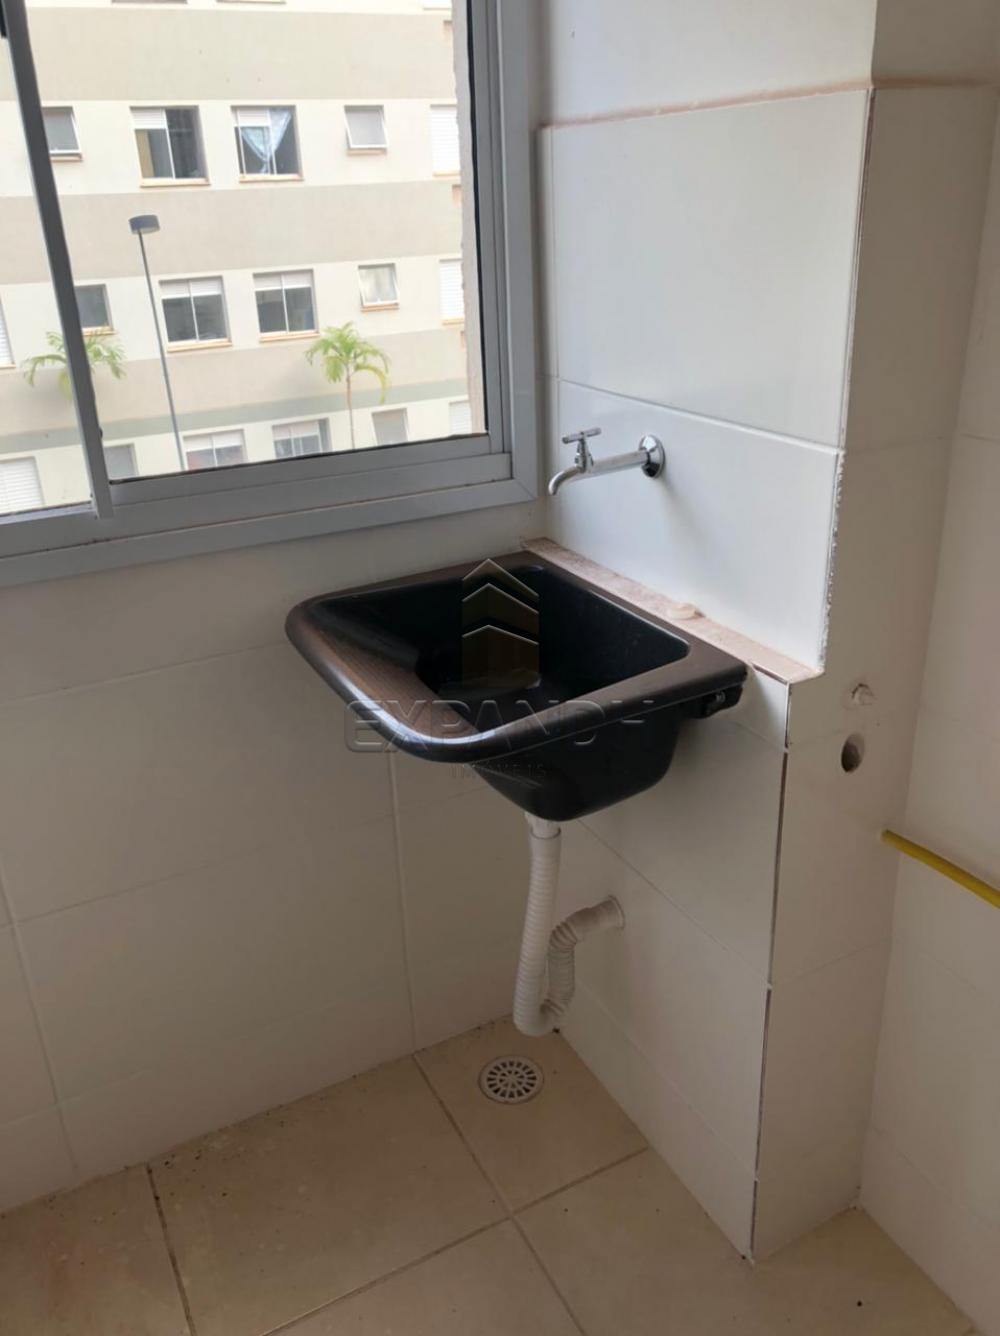 Alugar Apartamentos / Padrão em Sertãozinho R$ 750,00 - Foto 6